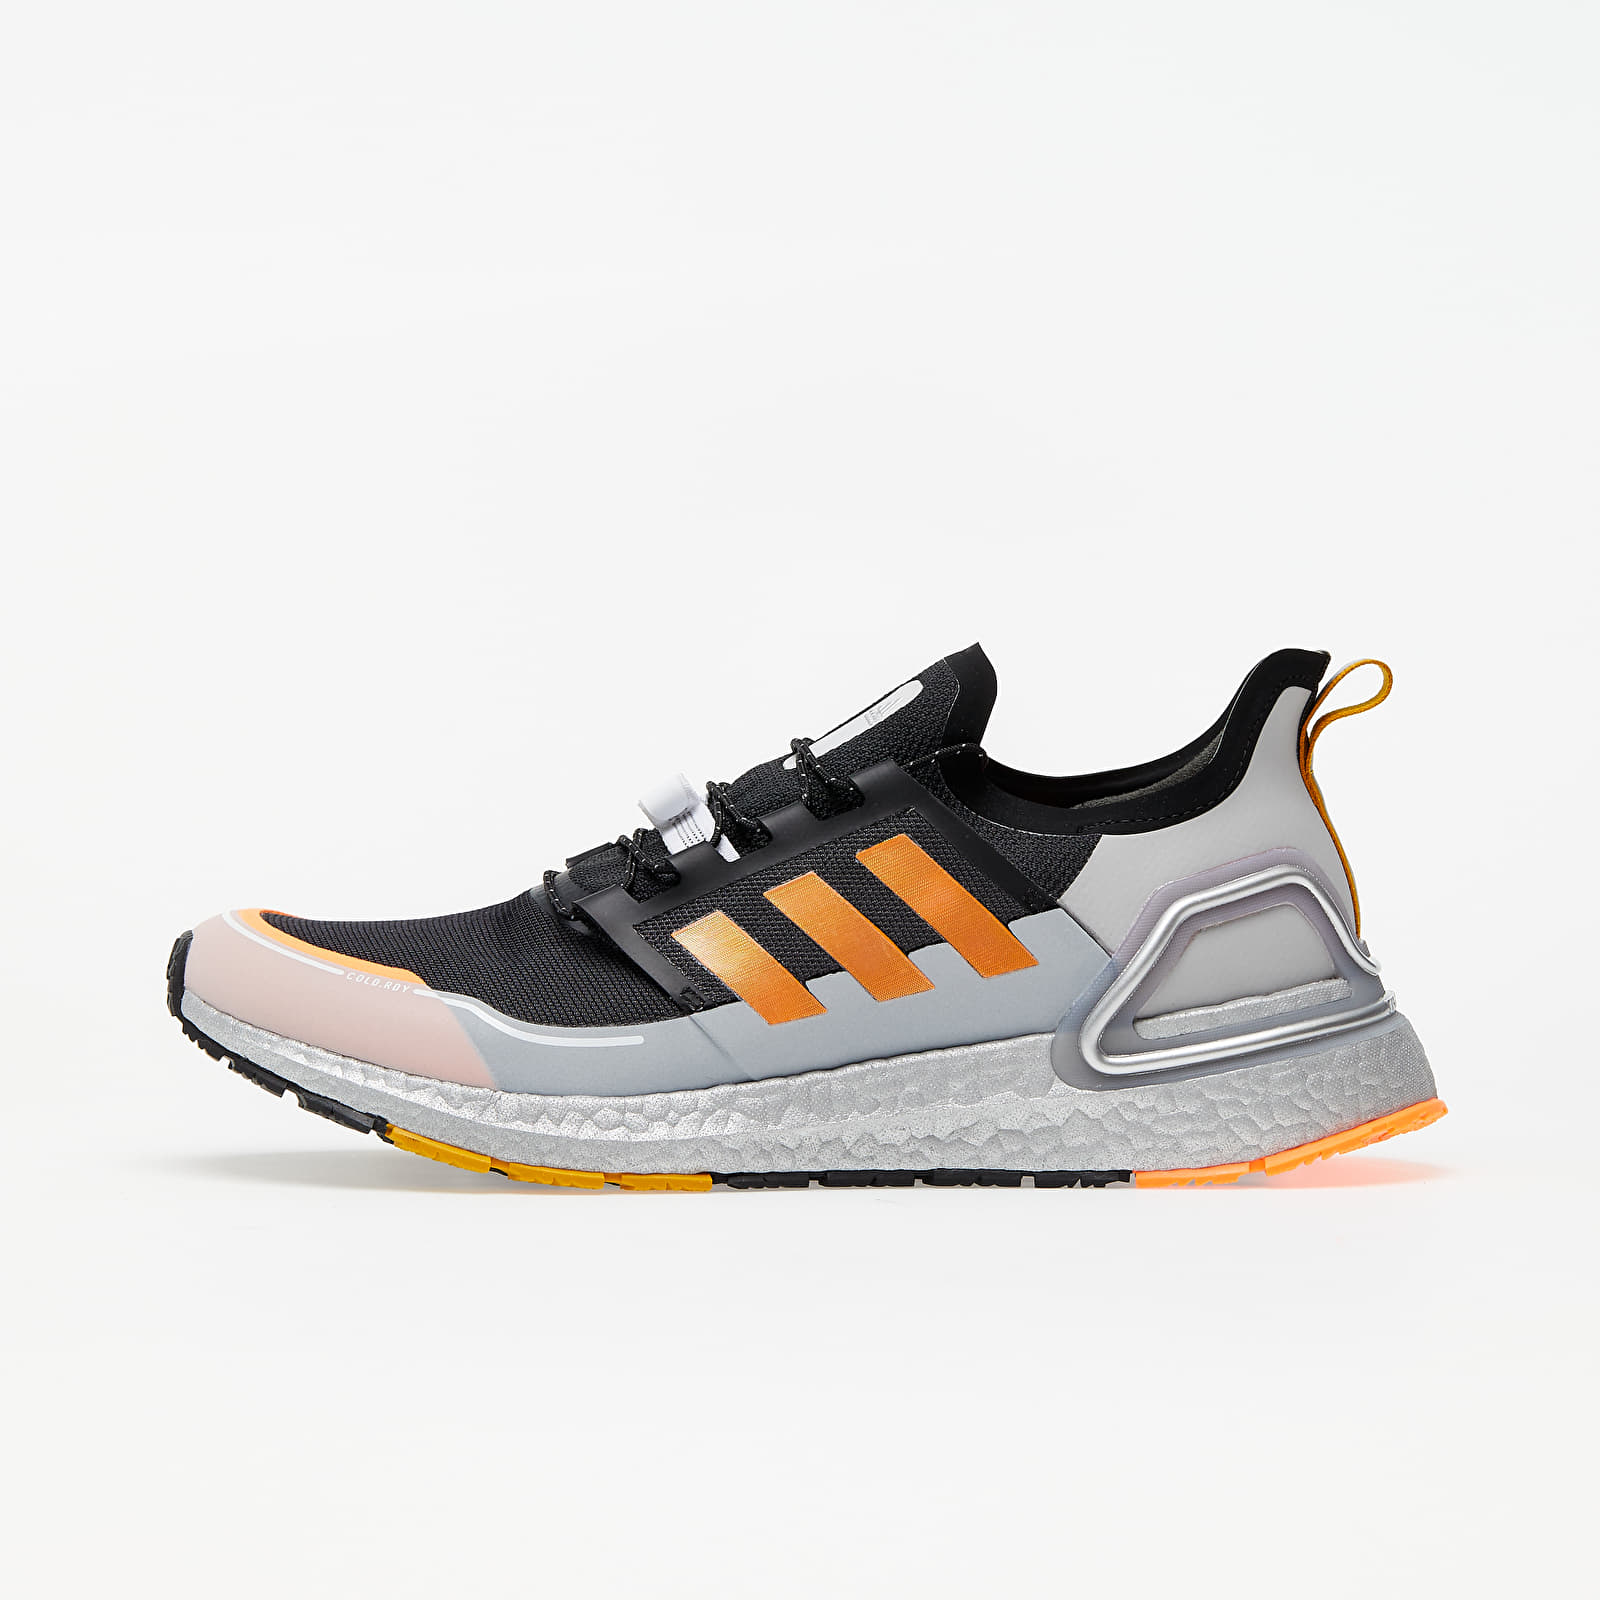 Pánské tenisky a boty adidas UltraBOOST COLD.RDY Core Black/ Signature Orange/ Legend Gold